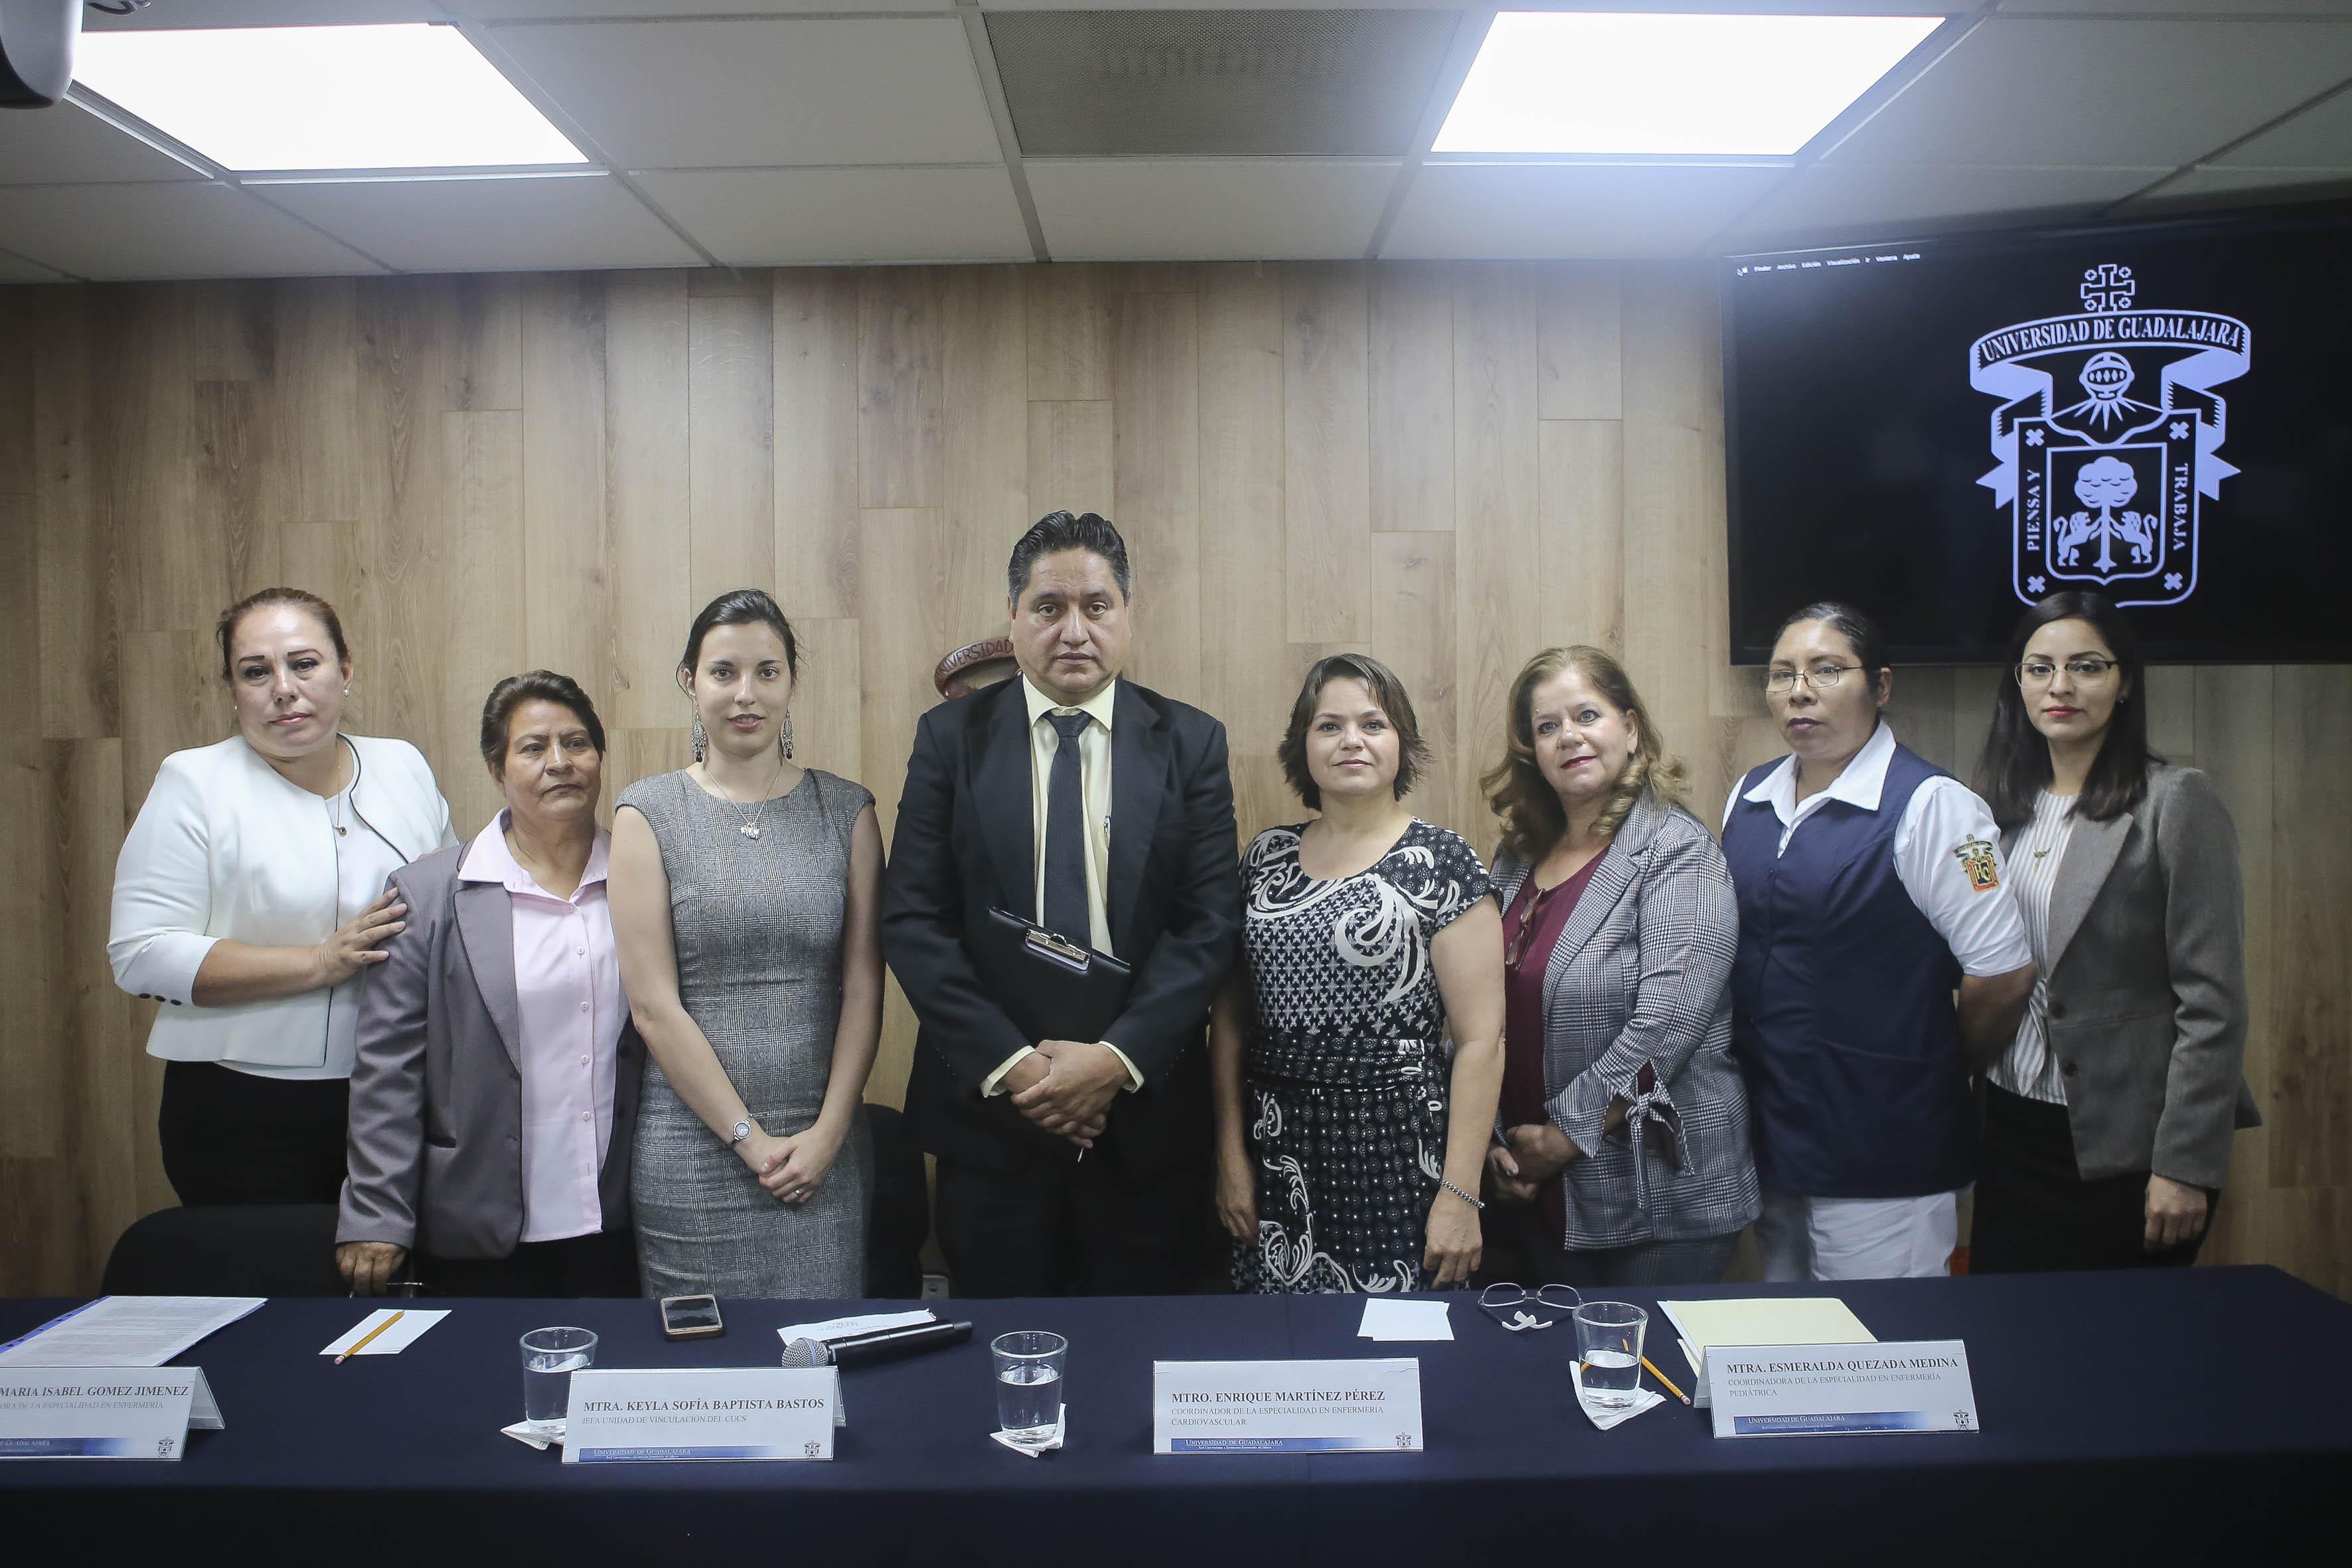 Foto grupal de ponentes al término de la rueda de prensa